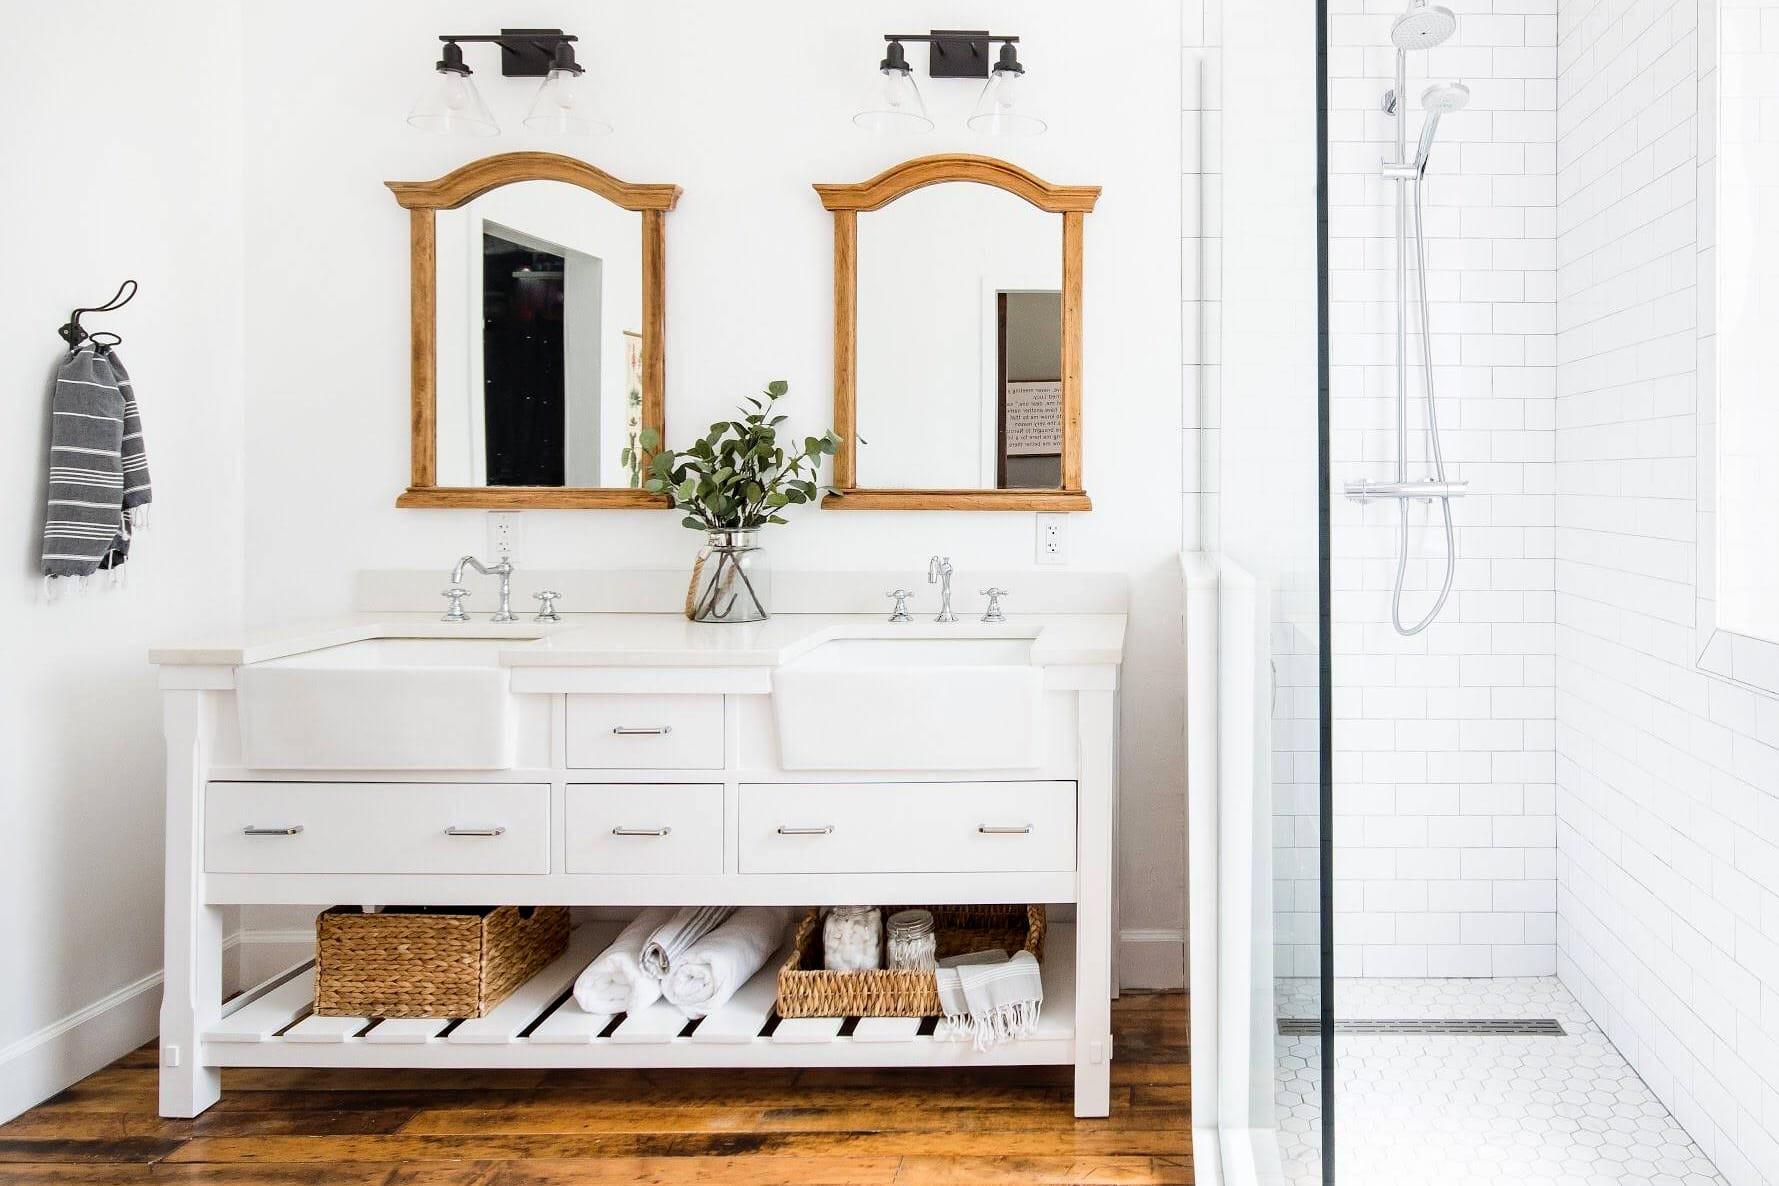 Farmhouse Bathroom Sink  Farmhouse Sinks for the Bathroom